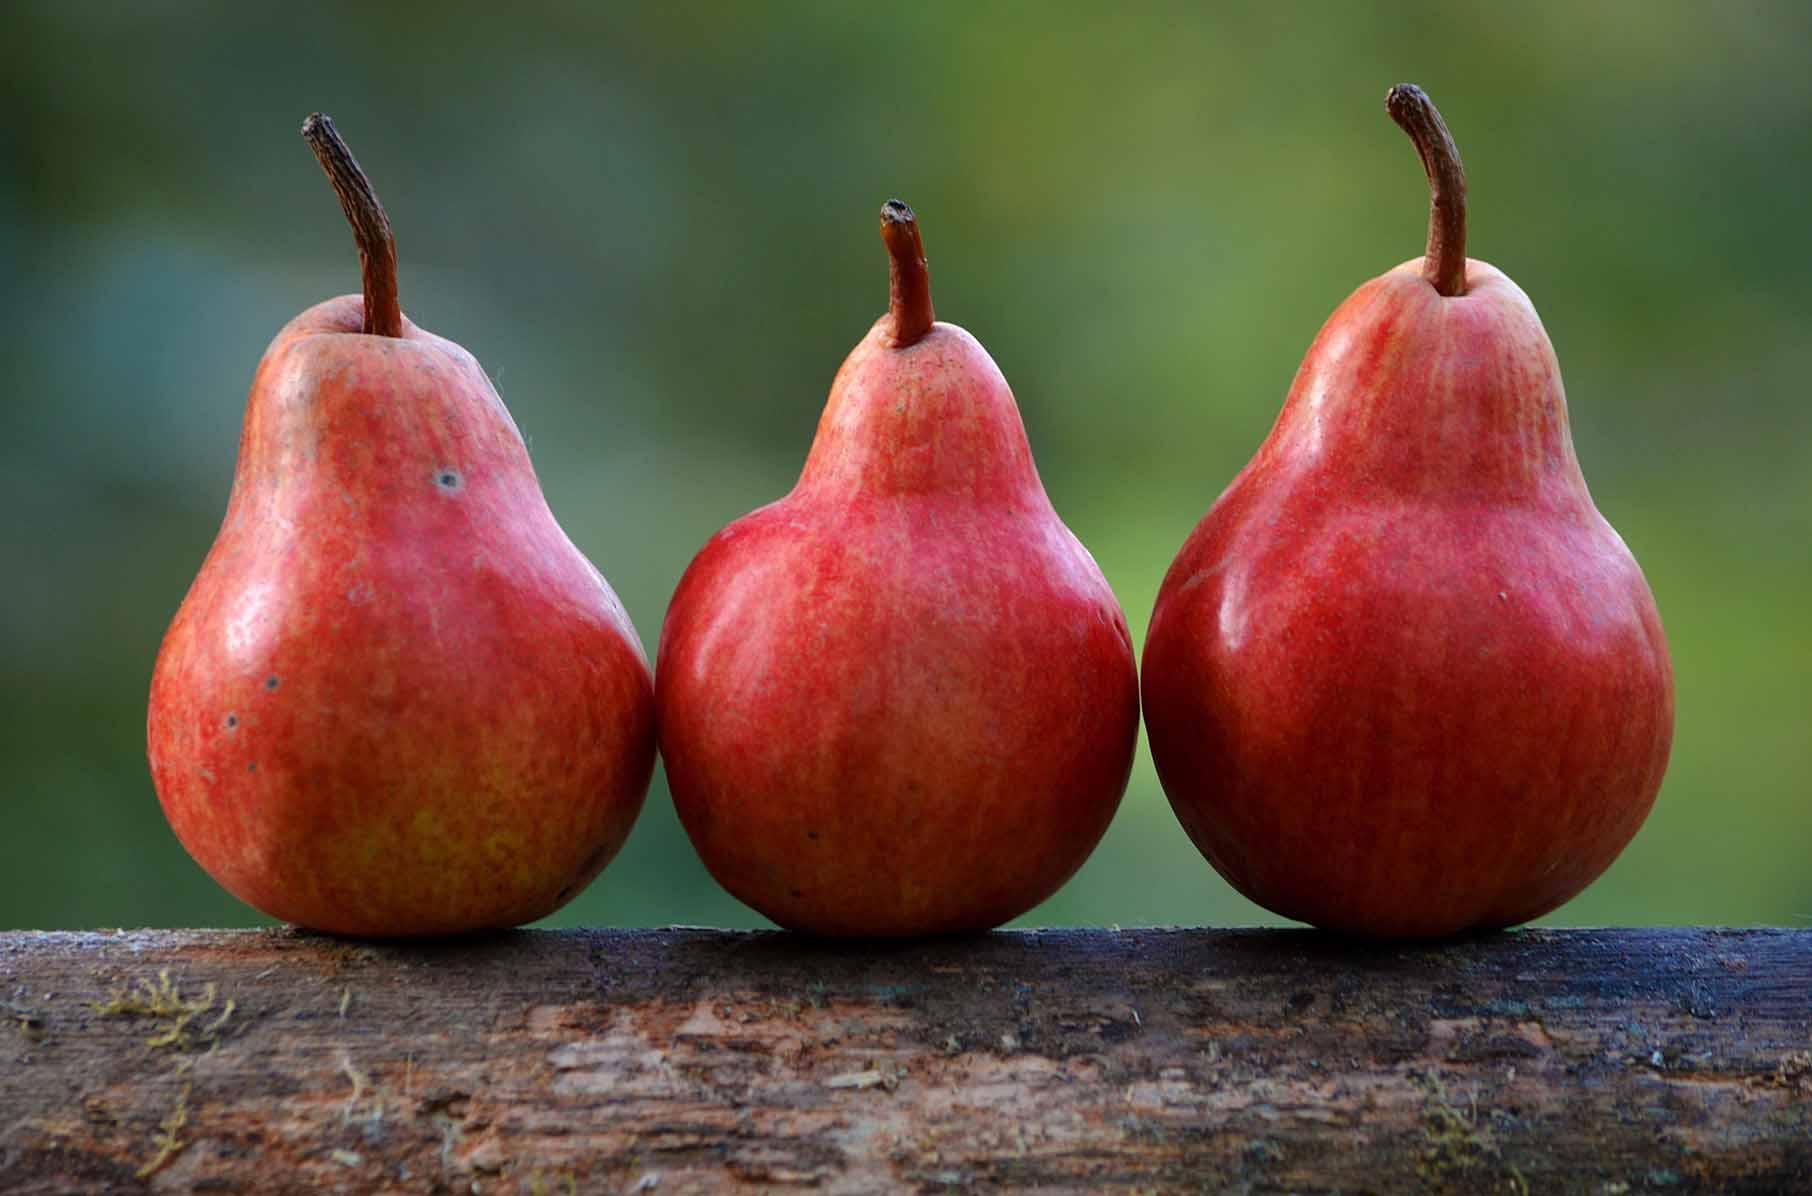 Der Birnbaum, den Herr von Ribbeck gepflanzt hat, ist nicht das einzig bemerkenswerte des Ortes Ribbeck. Foto: gemeinfrei/Pixabay